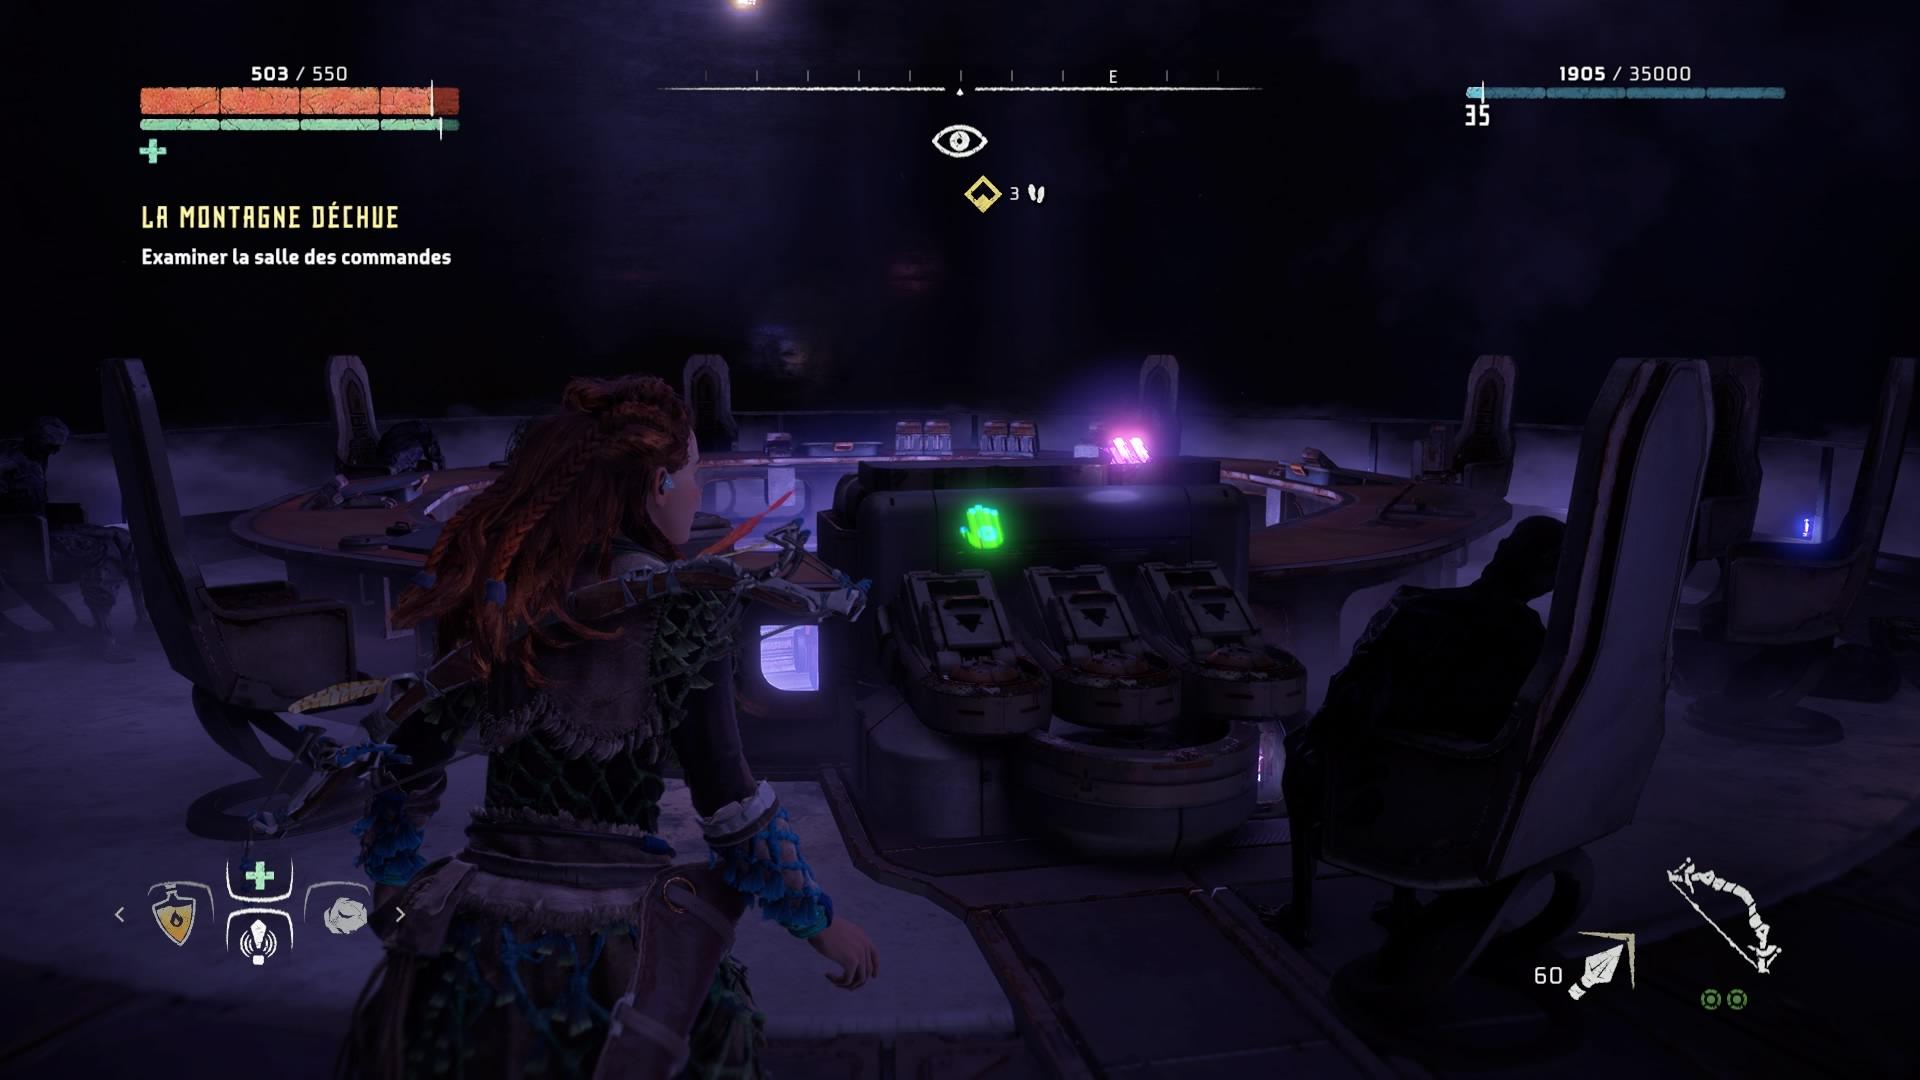 Horizon Zero Dawn Arme puissante obtenue